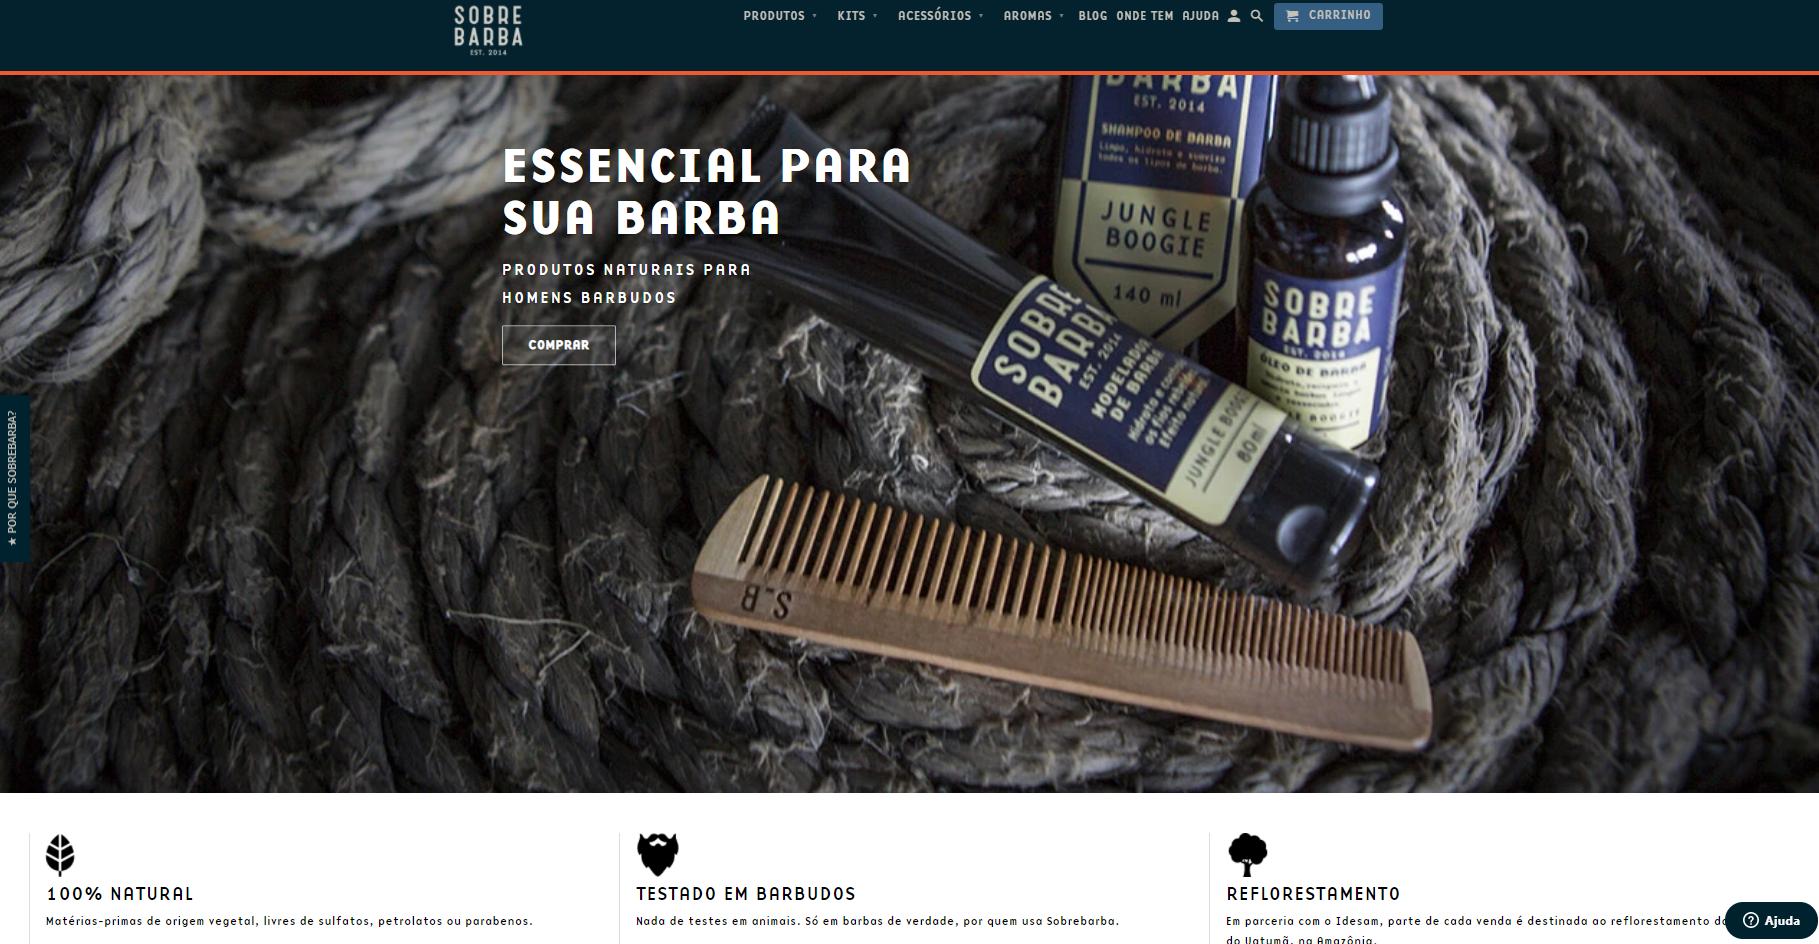 Landing page para loja virtual: Sobrebarba